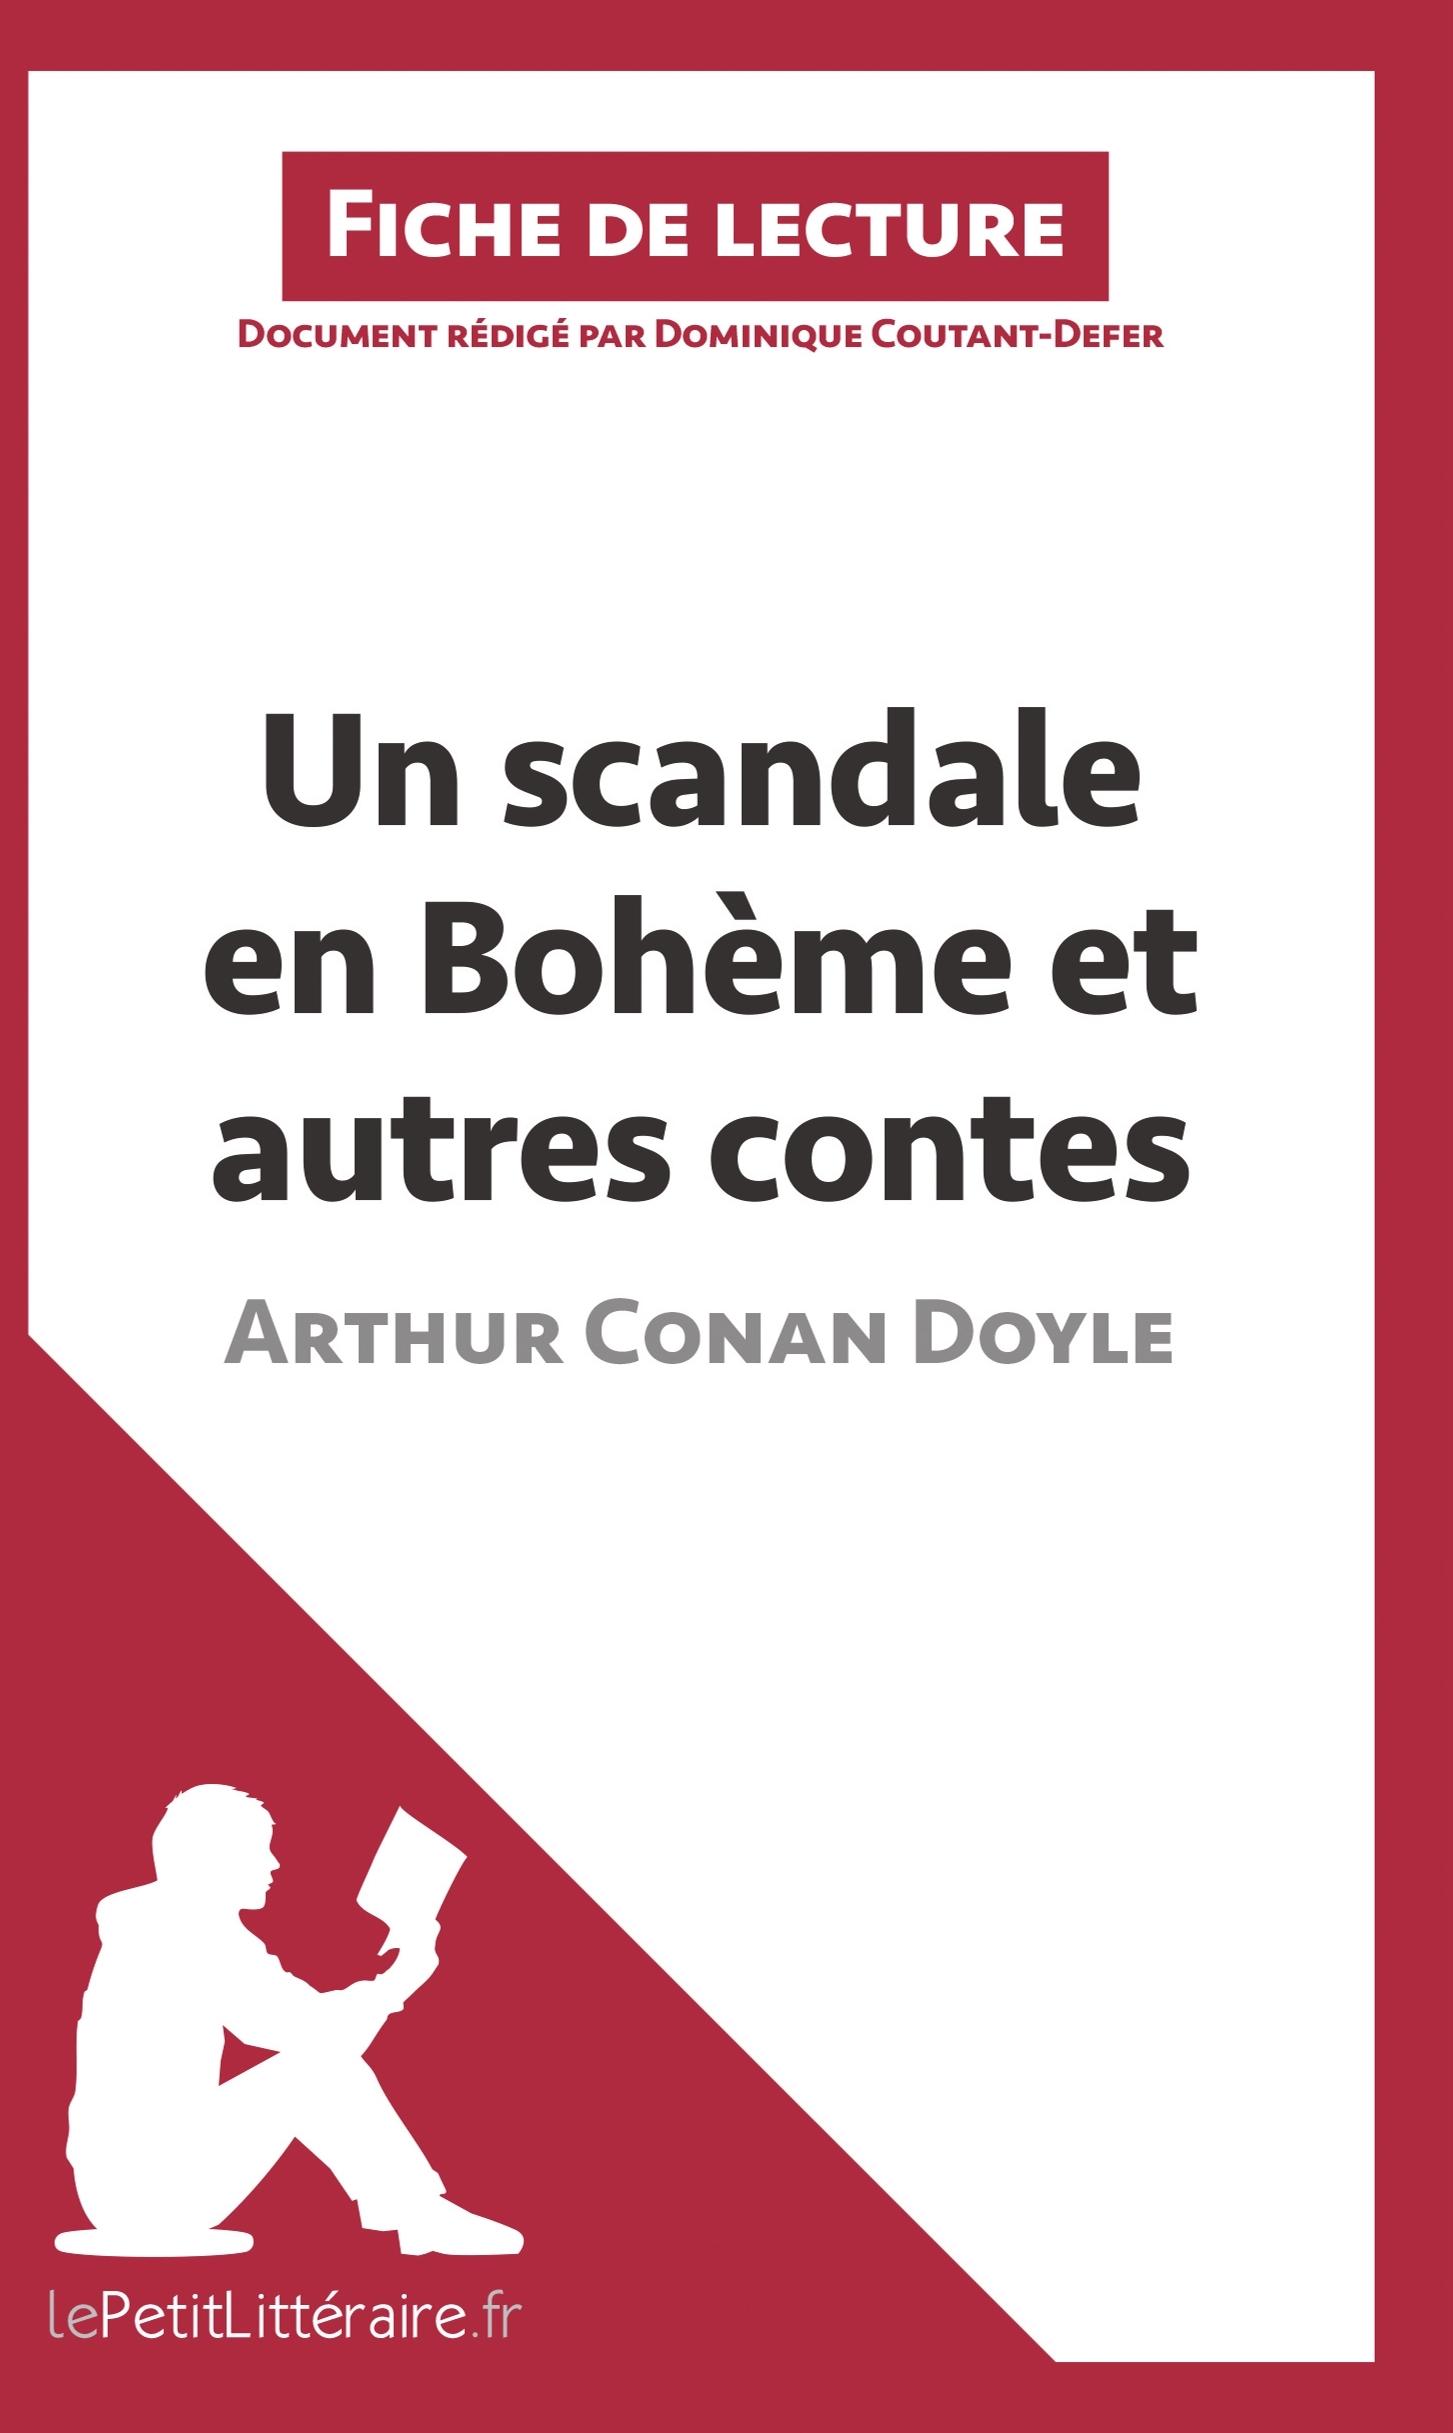 ANALYSE UN SCANDALE EN BOHEME ET AUTRES CONTES D ARTHUR CONAN DOYLE ANALYSE COM